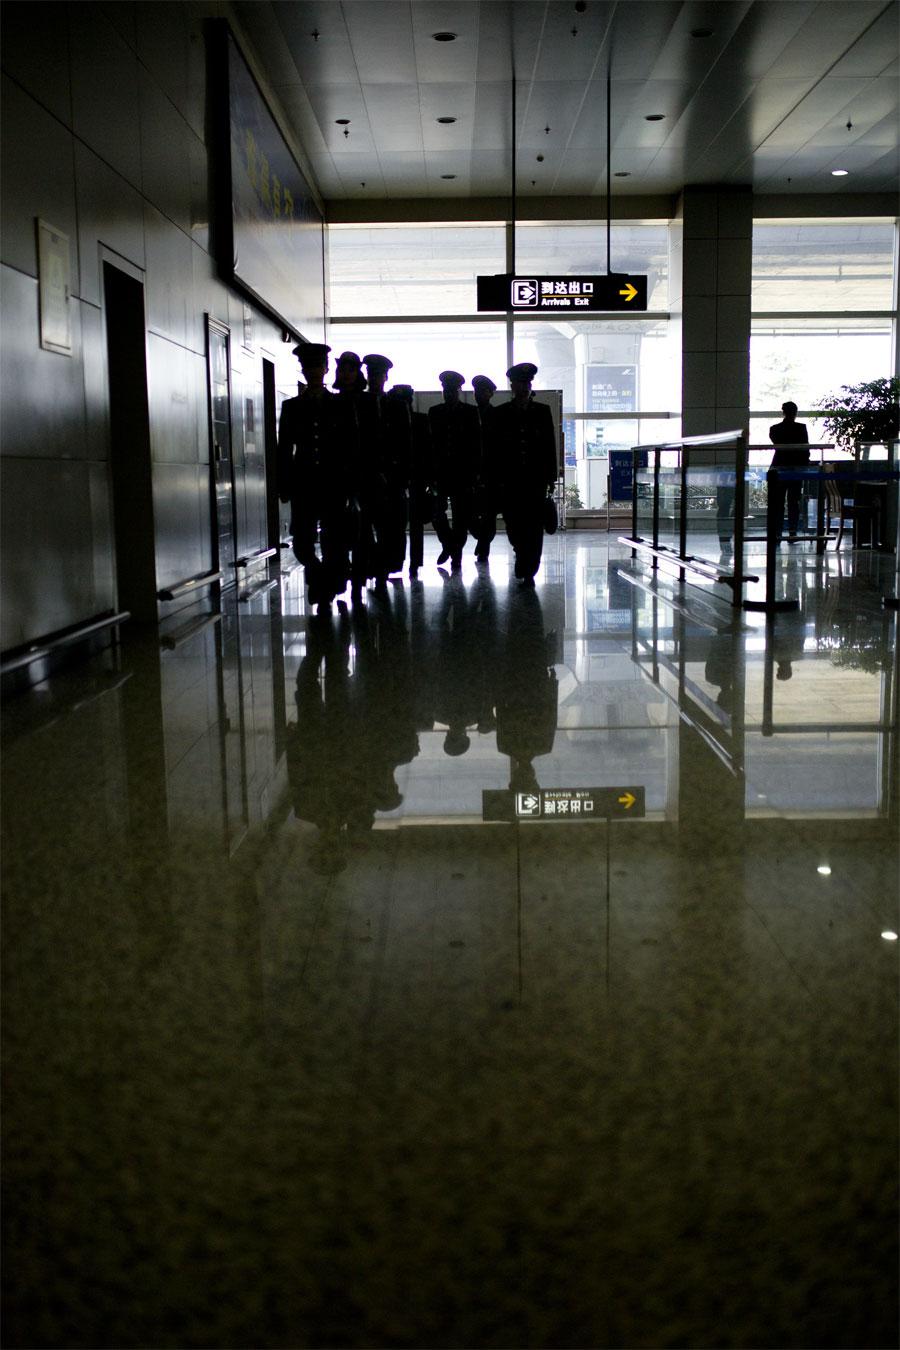 蔡丽红随着队伍赶往入境现场